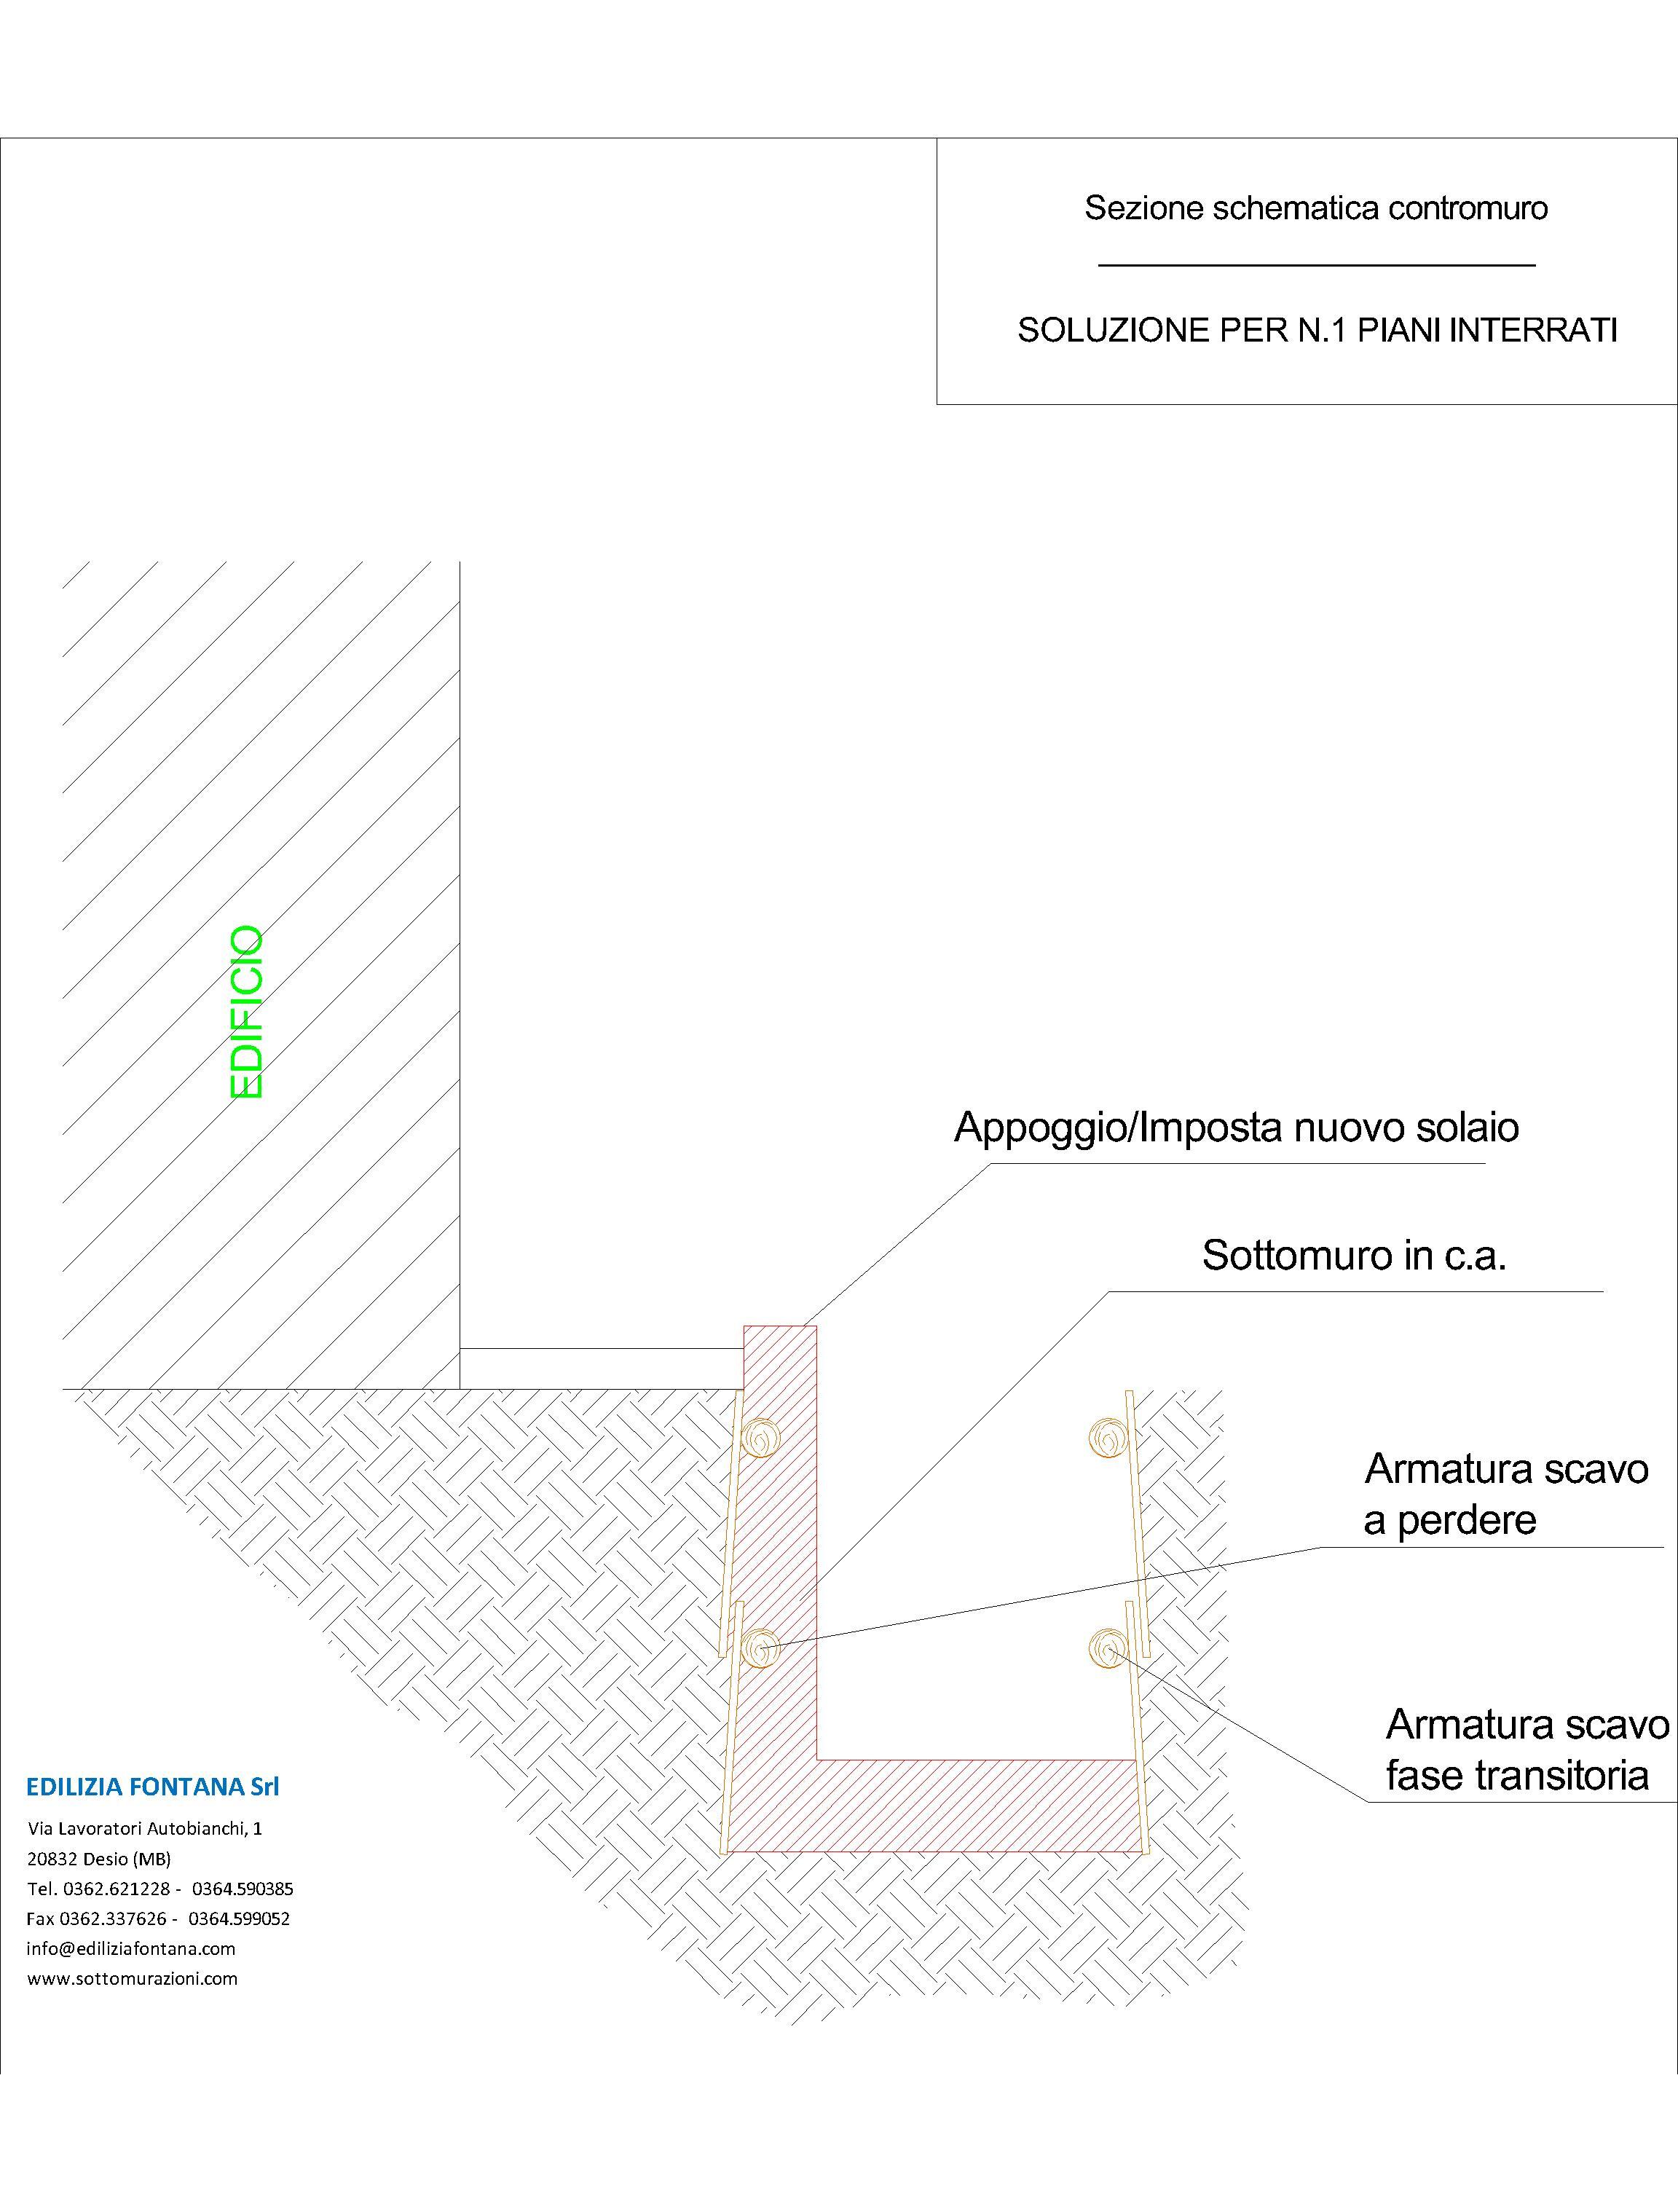 specializzati in sottomurazioni edilizia fontana sottomurazioni e scavi armati edilizia fontana sottomurazioni 04